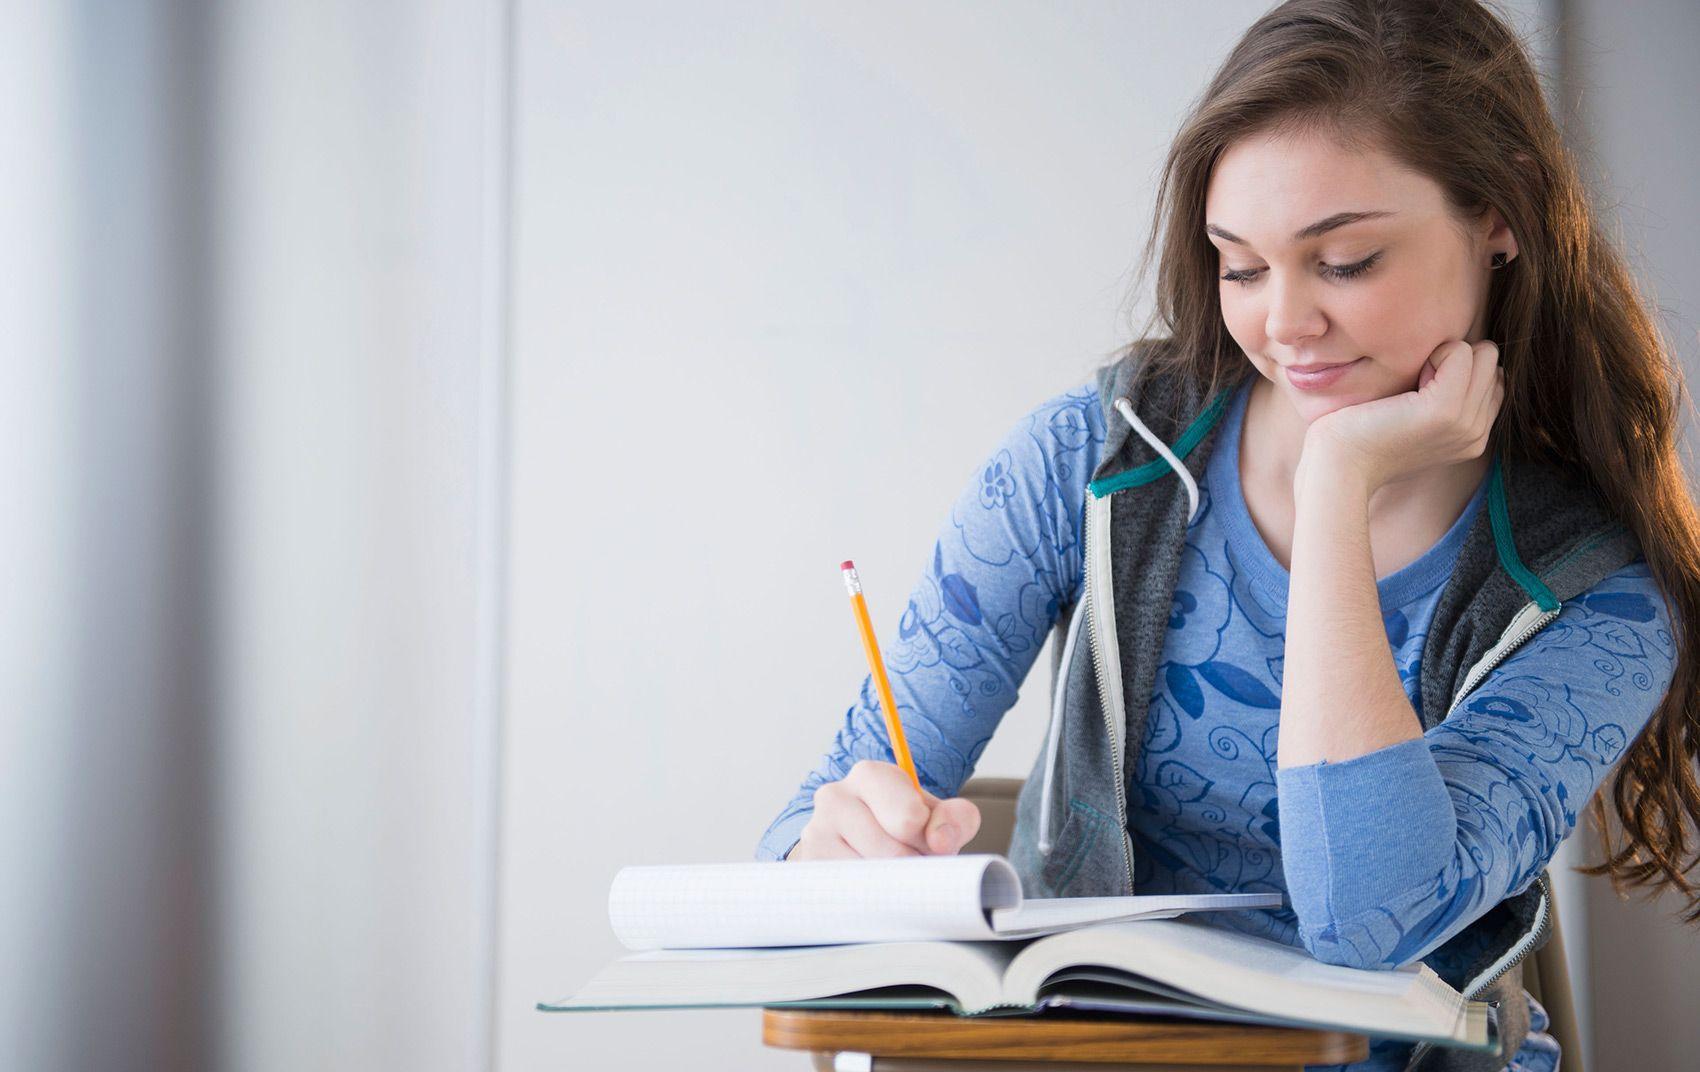 Εξετάσεις: 12 απλοί τρόποι να ενισχύσετε άμεσα τη μνήμη σας